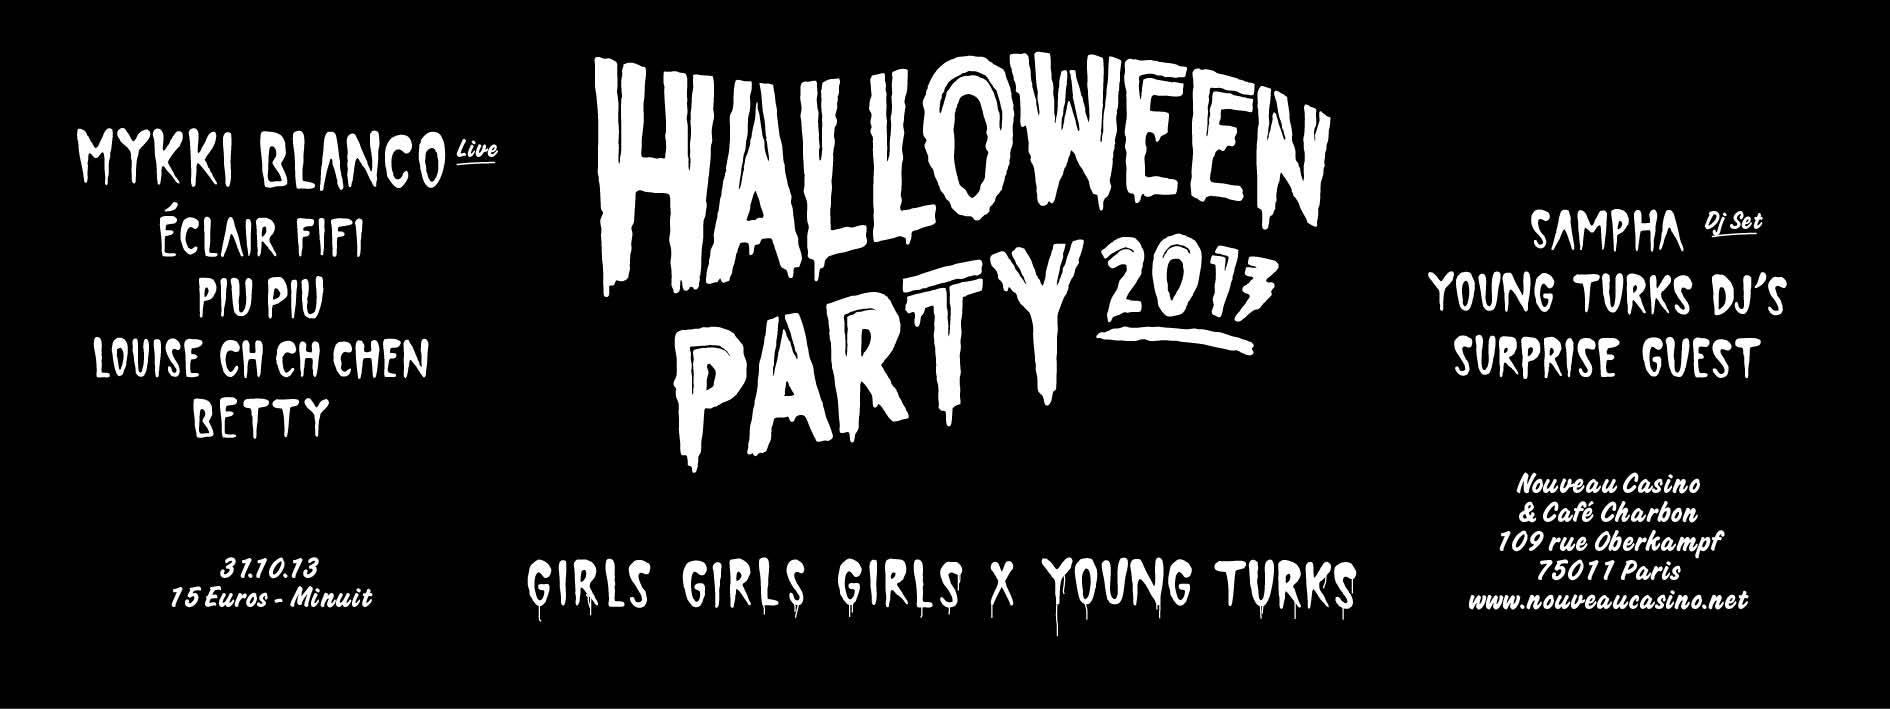 Halloween party 2013- nouveau casino